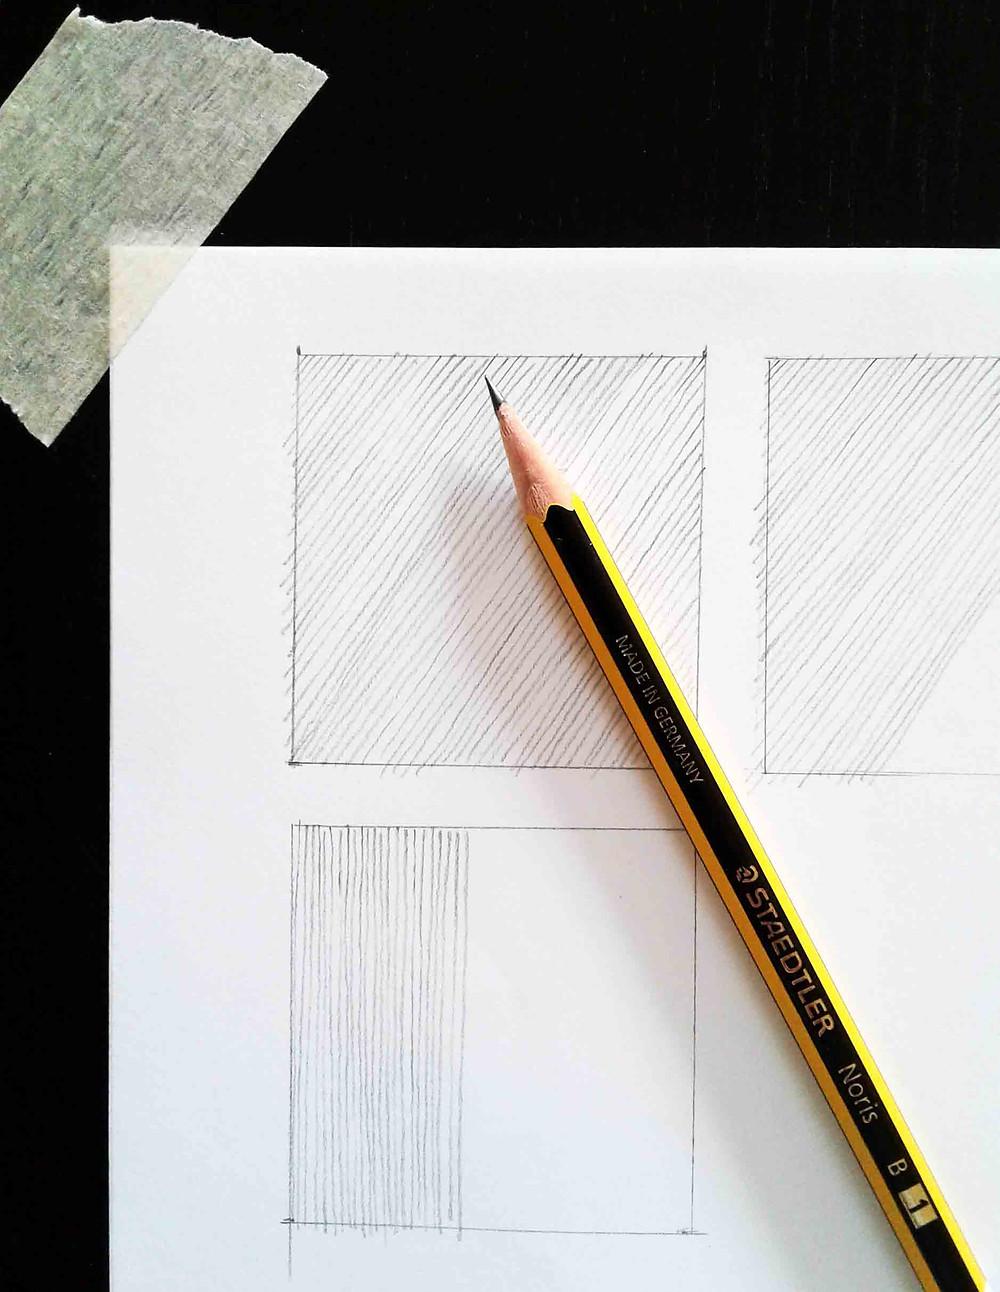 lezione di disegno come tracciare linee dritte